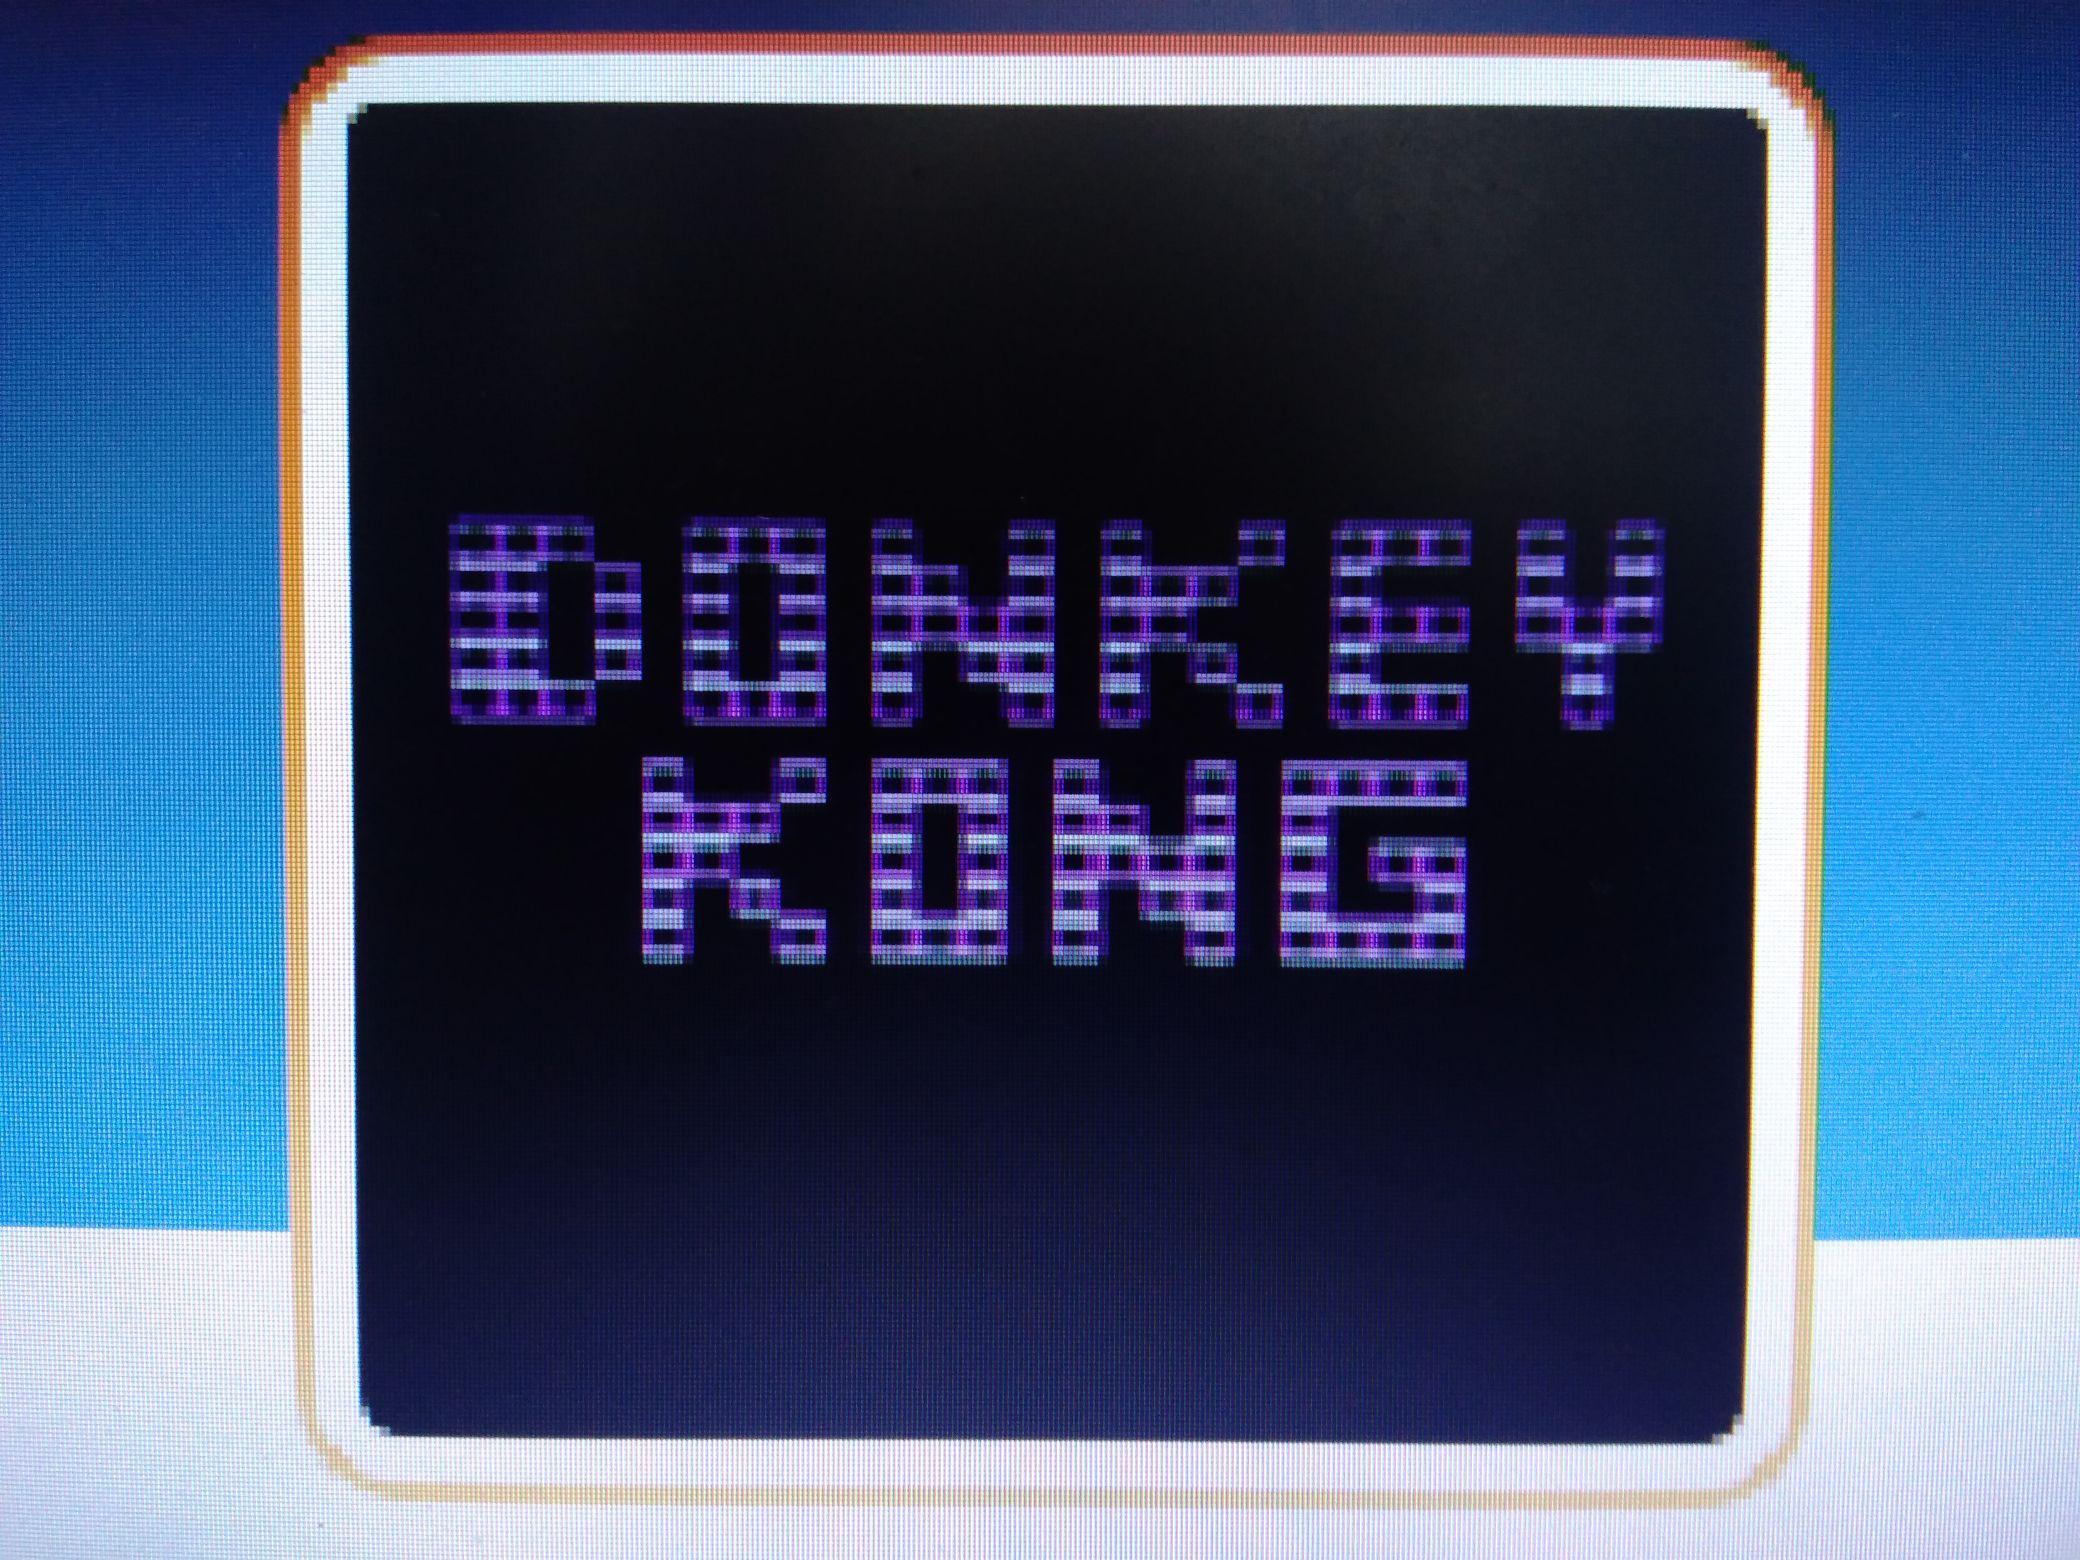 Donkey Kong - Wii U cover